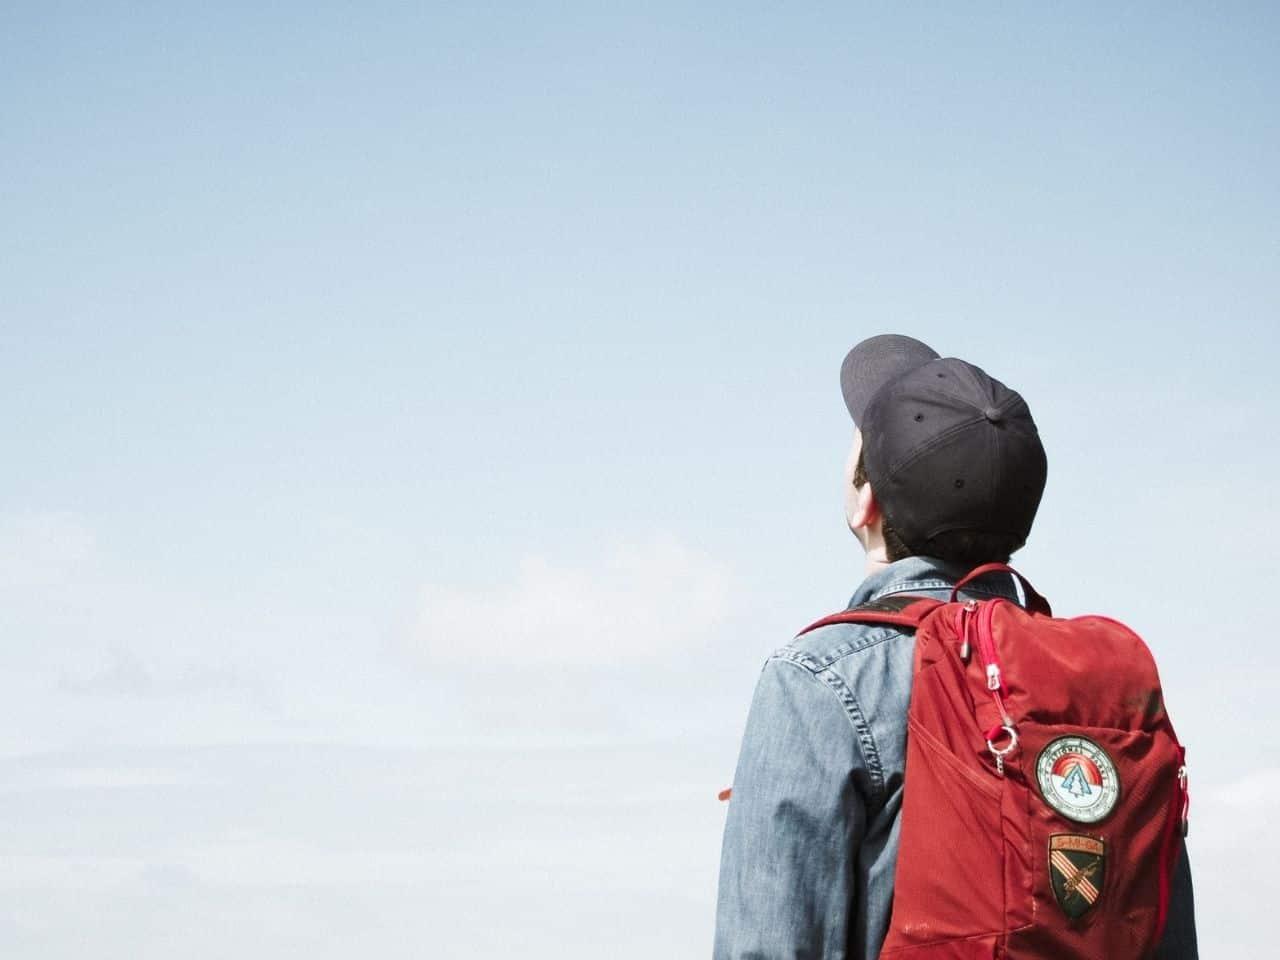 旅行に出かけて青い空を見上げる男性